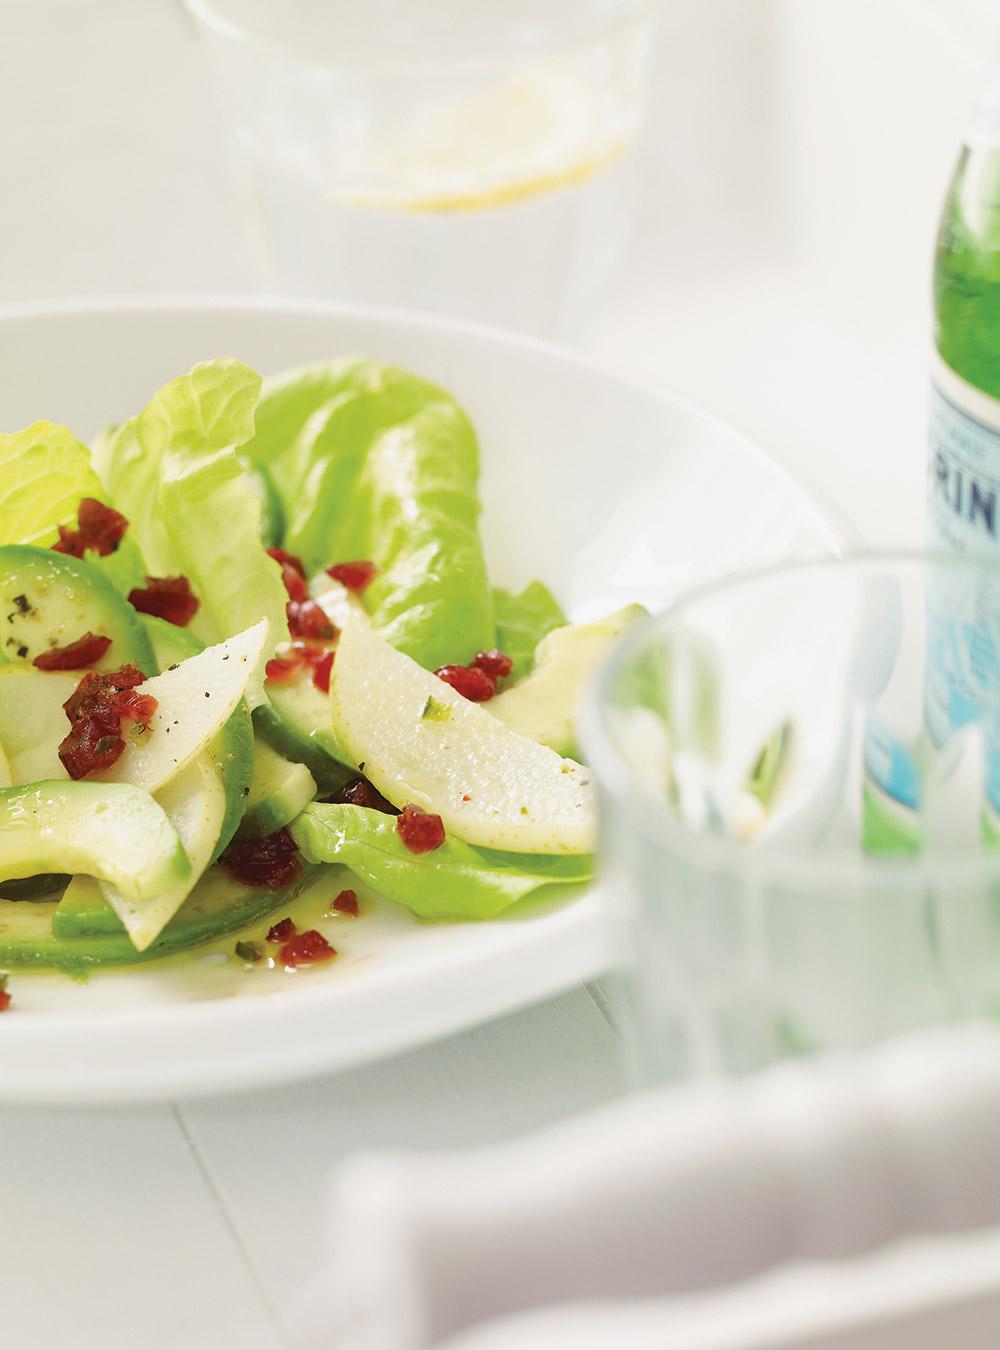 Salade de poire asiatique et d'avocat | ricardo